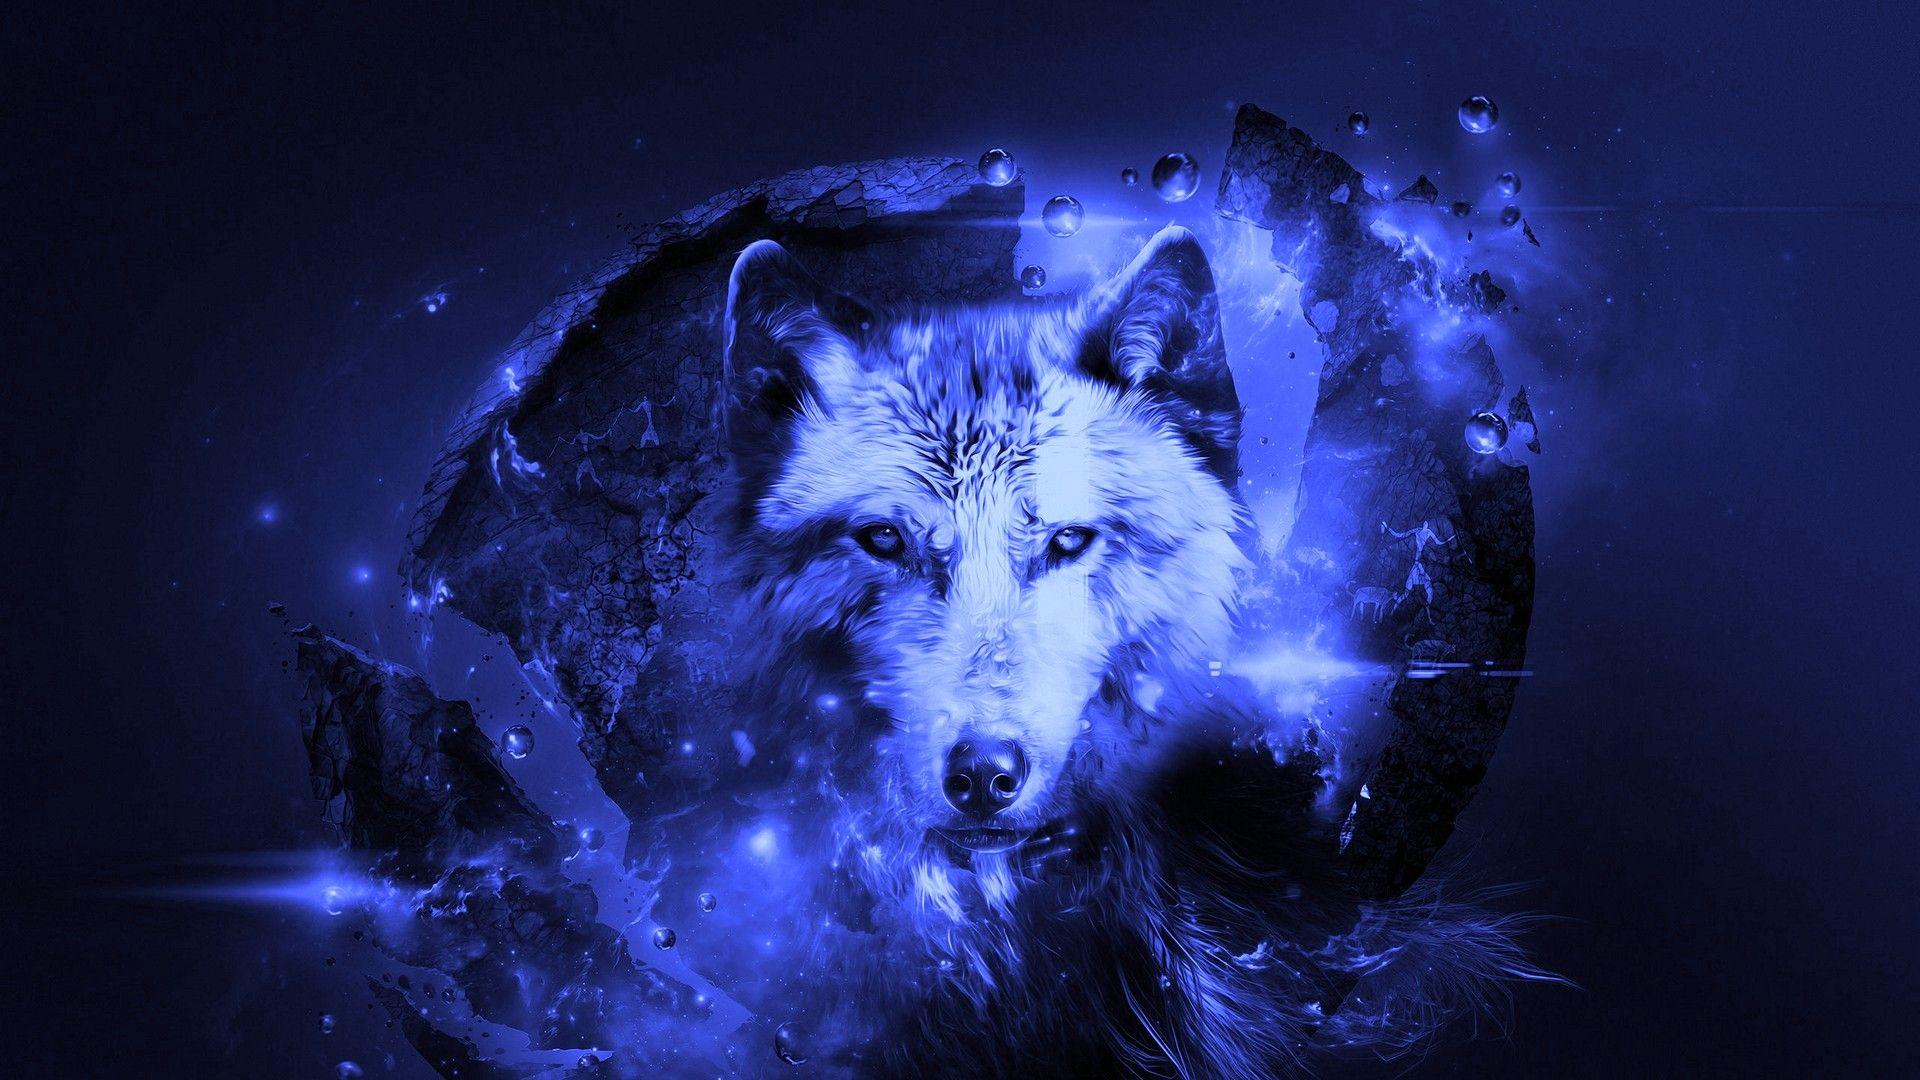 Best Cool Wolf Wallpaper Hd 2021 Live Wallpaper Hd Wolf Wallpaper Hd Cool Wallpapers Live Wallpapers